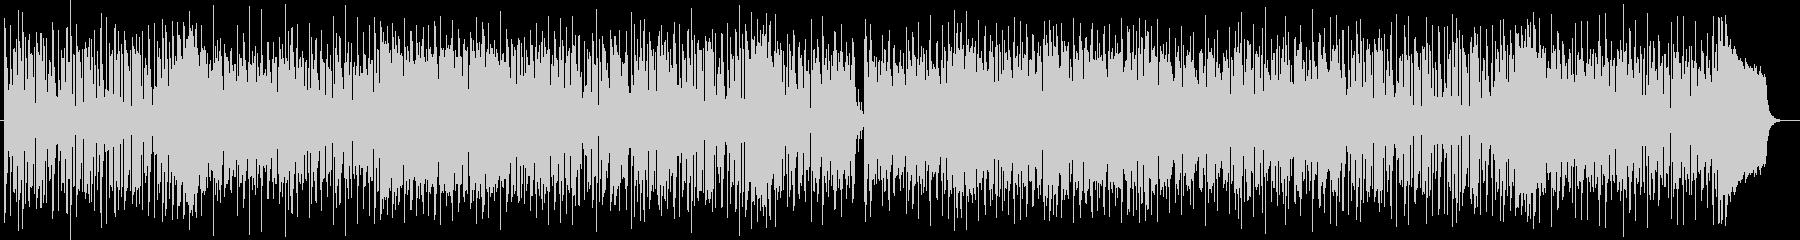 和テイストのあるポップなシンセ曲の未再生の波形